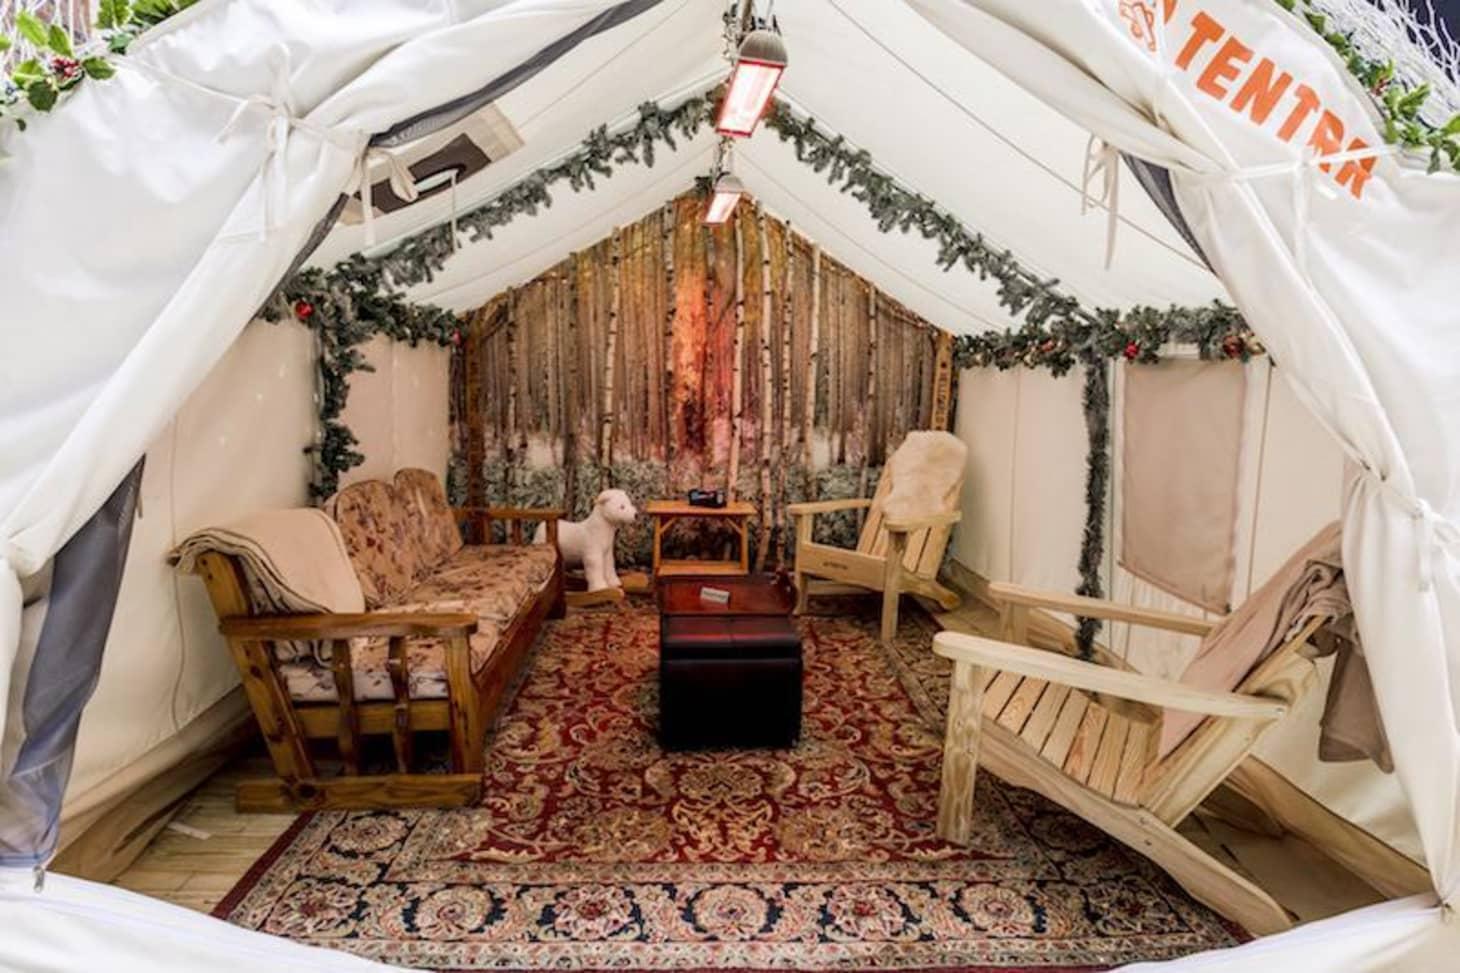 NYC Urban Camping Glamping Arlo Soho Hotel   Apartment Therapy